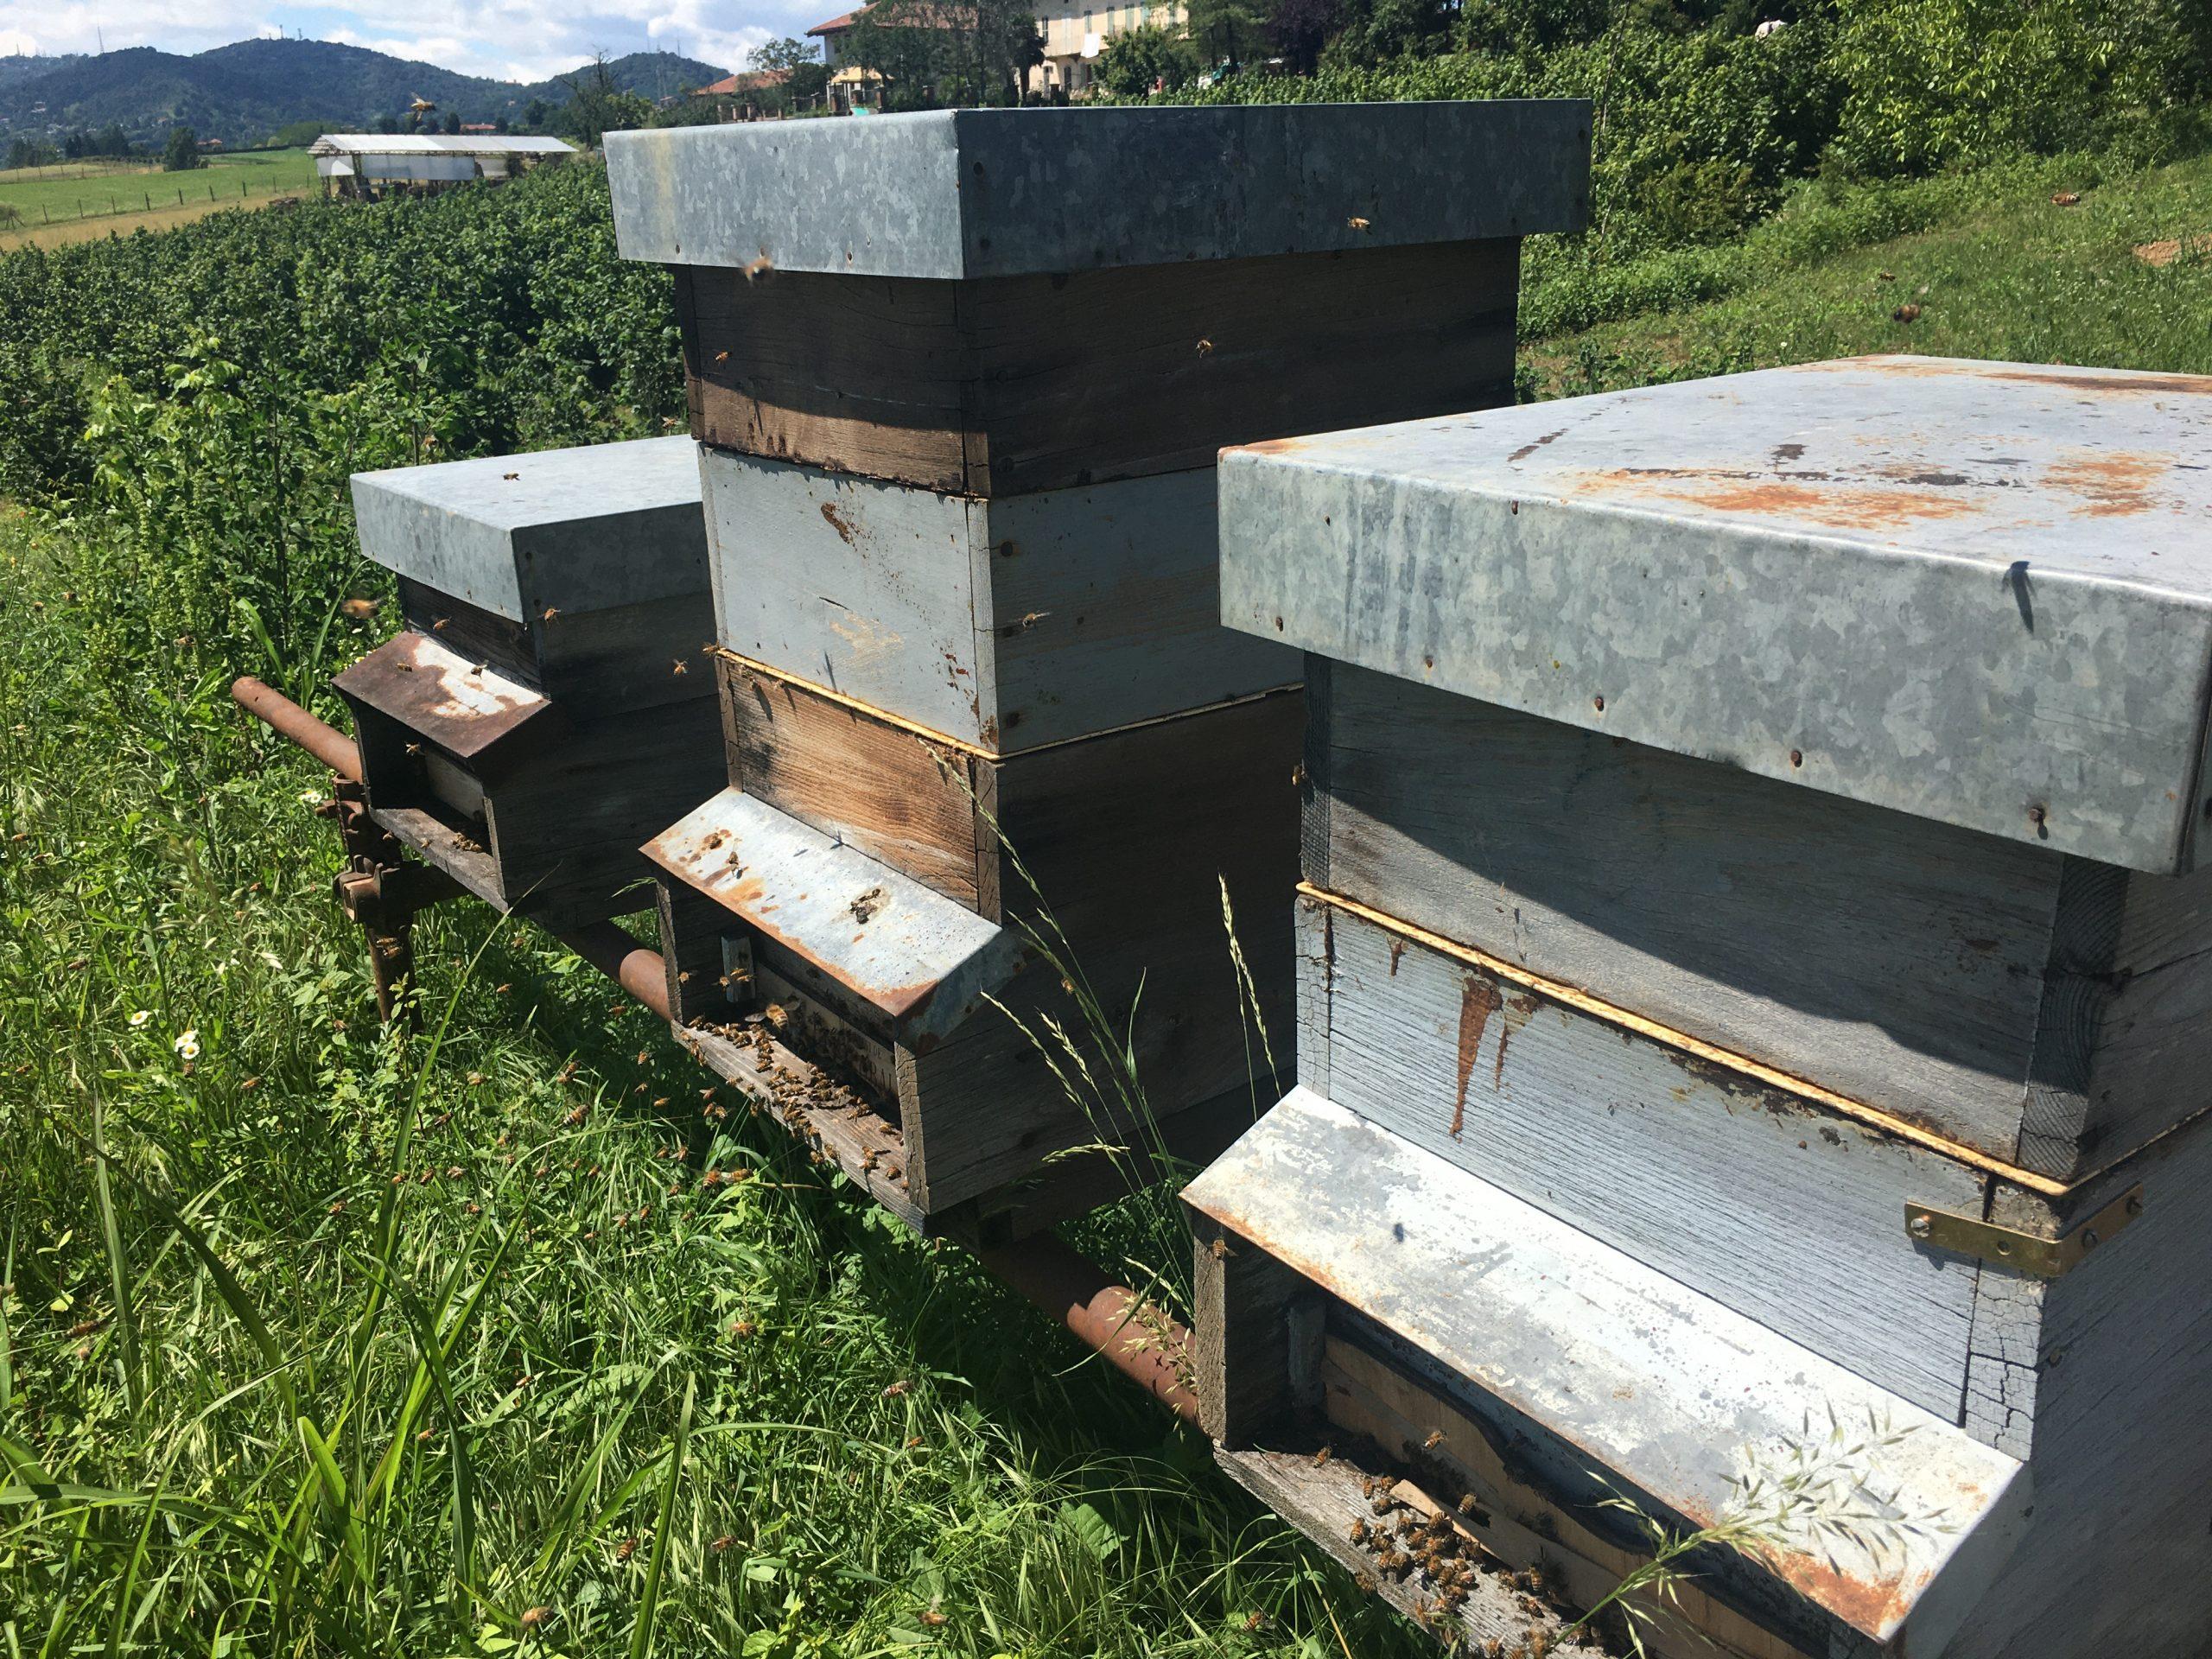 Cerco location per ospitare tre famiglie di api nella prima cintura di Torino